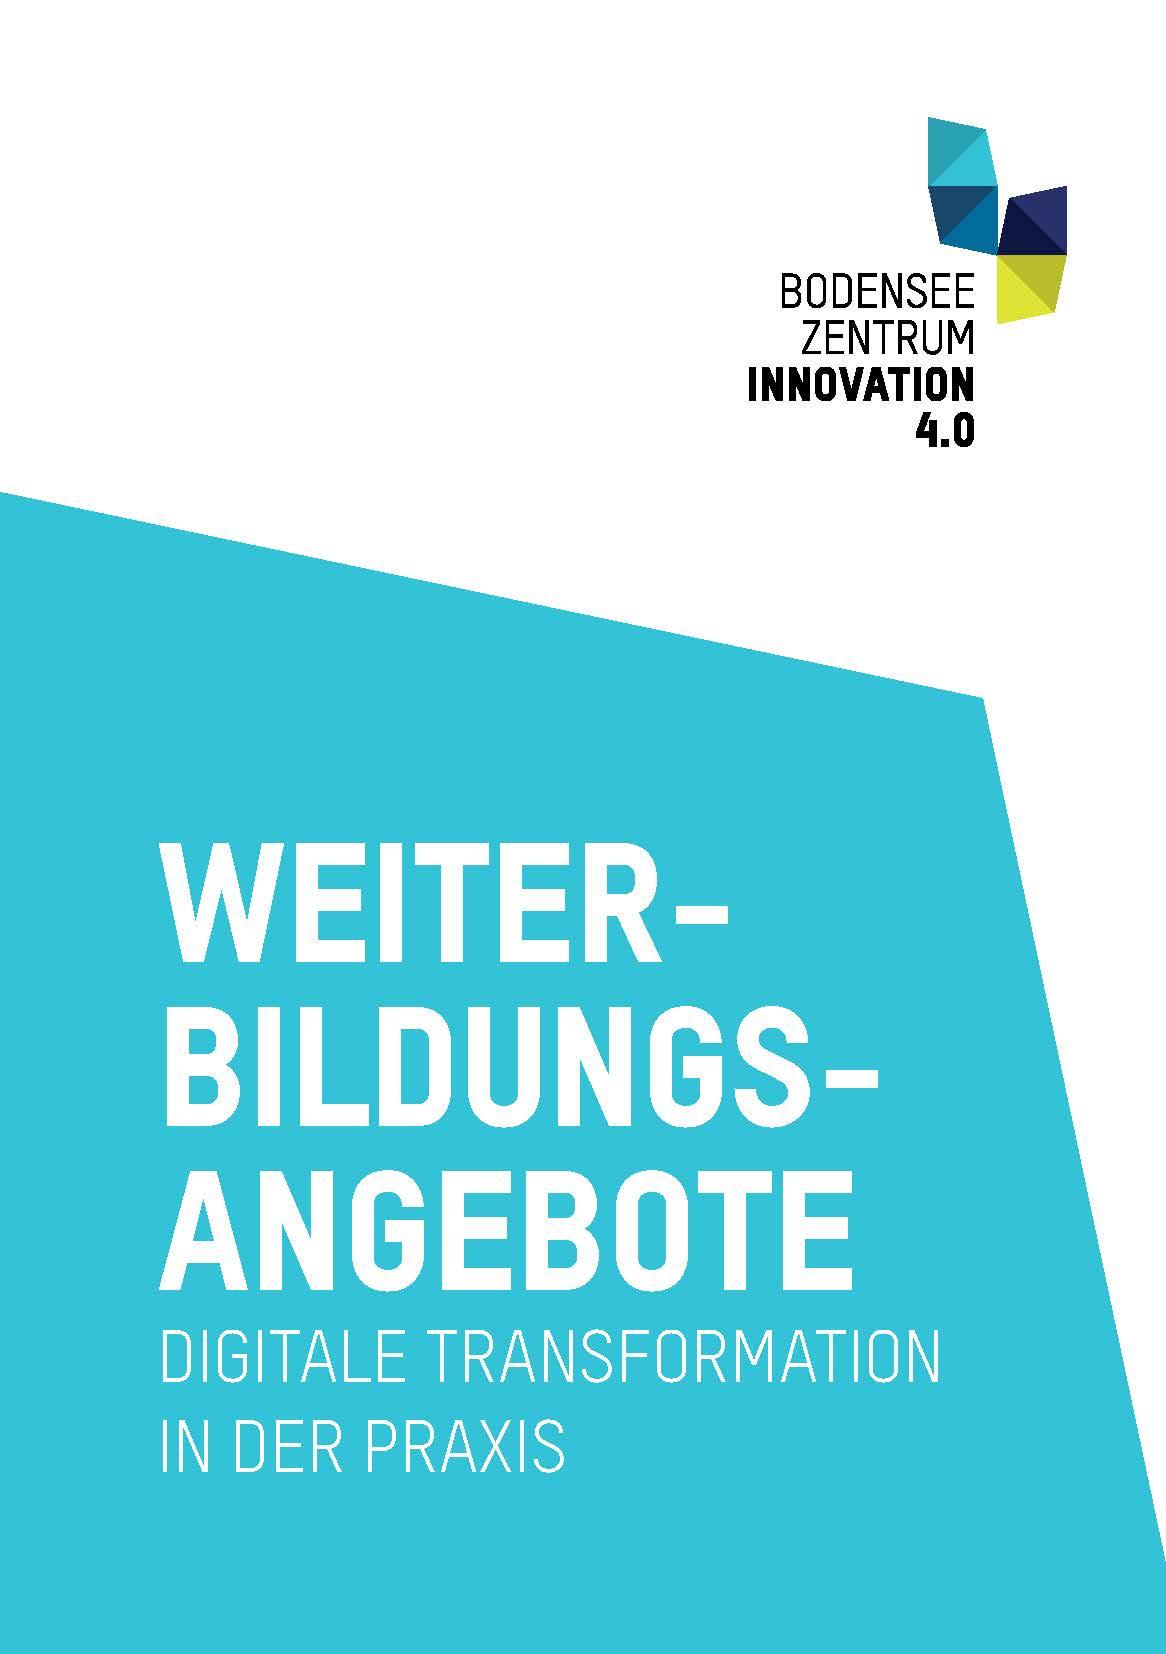 Weiterbildungsangebote: Digitale Transformation in der Praxis